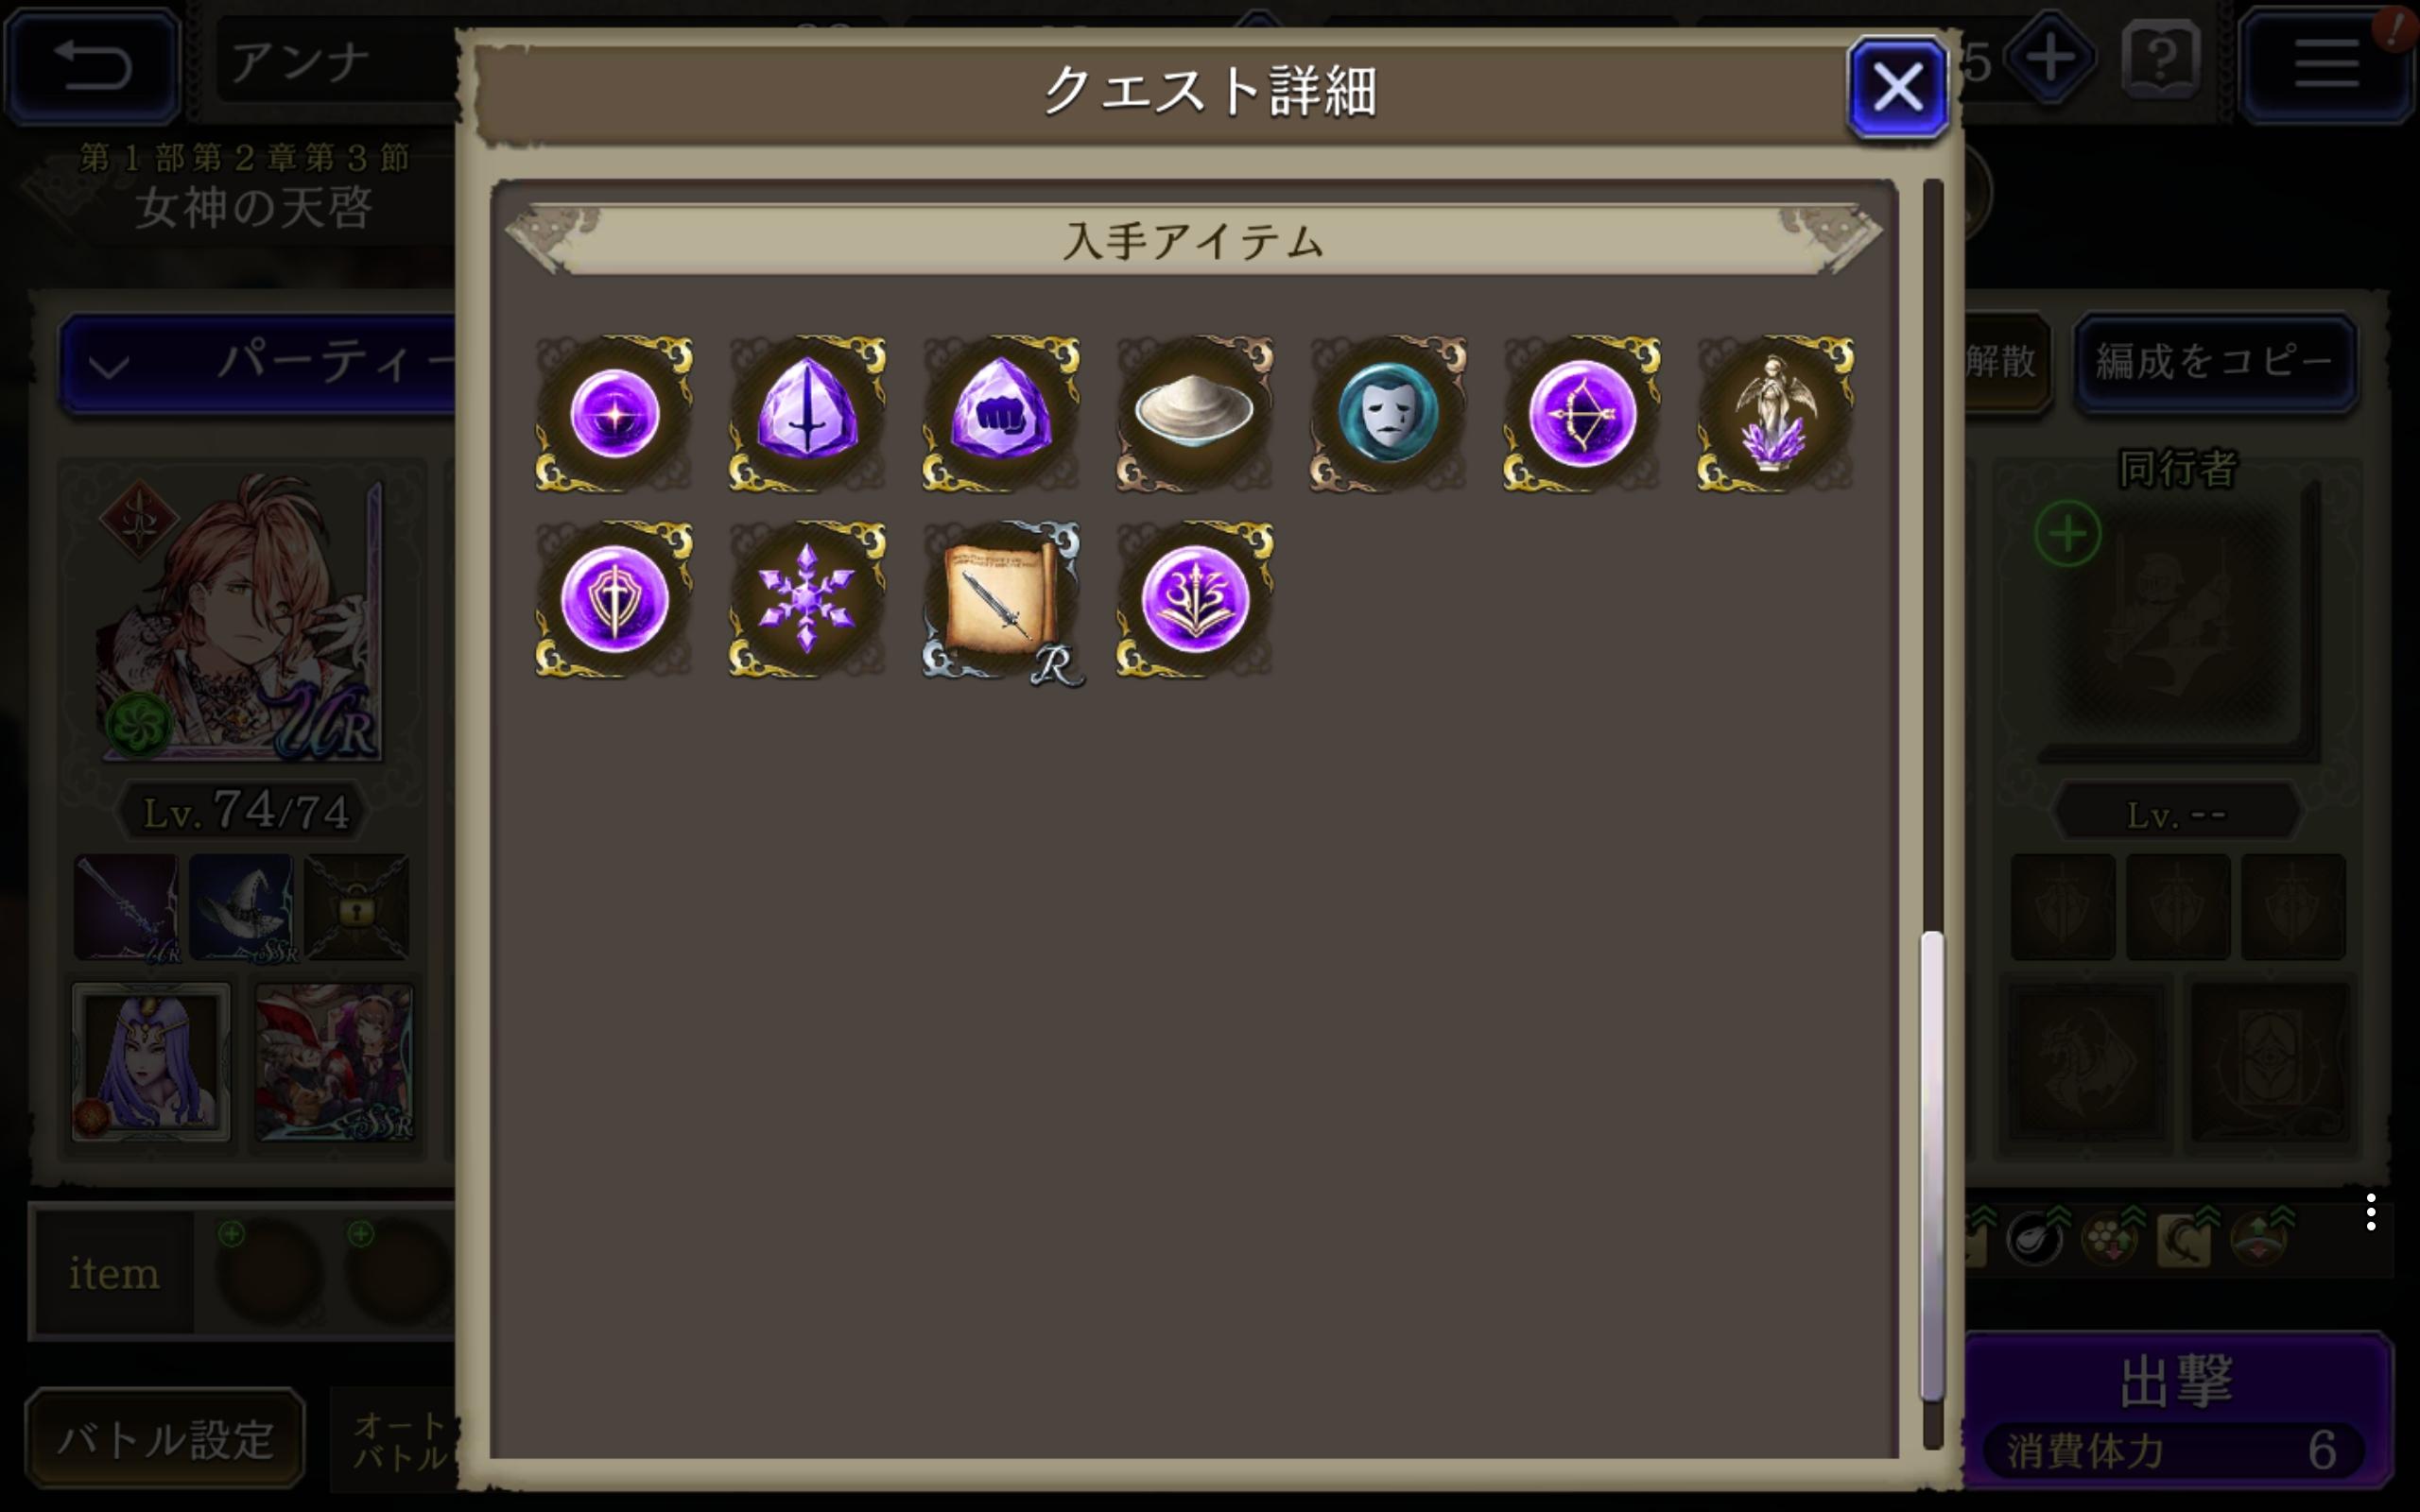 【FFBE幻影戦争】ジョブレベル(紫)上げに必要なジョブの記憶・素材アイテムまとめ